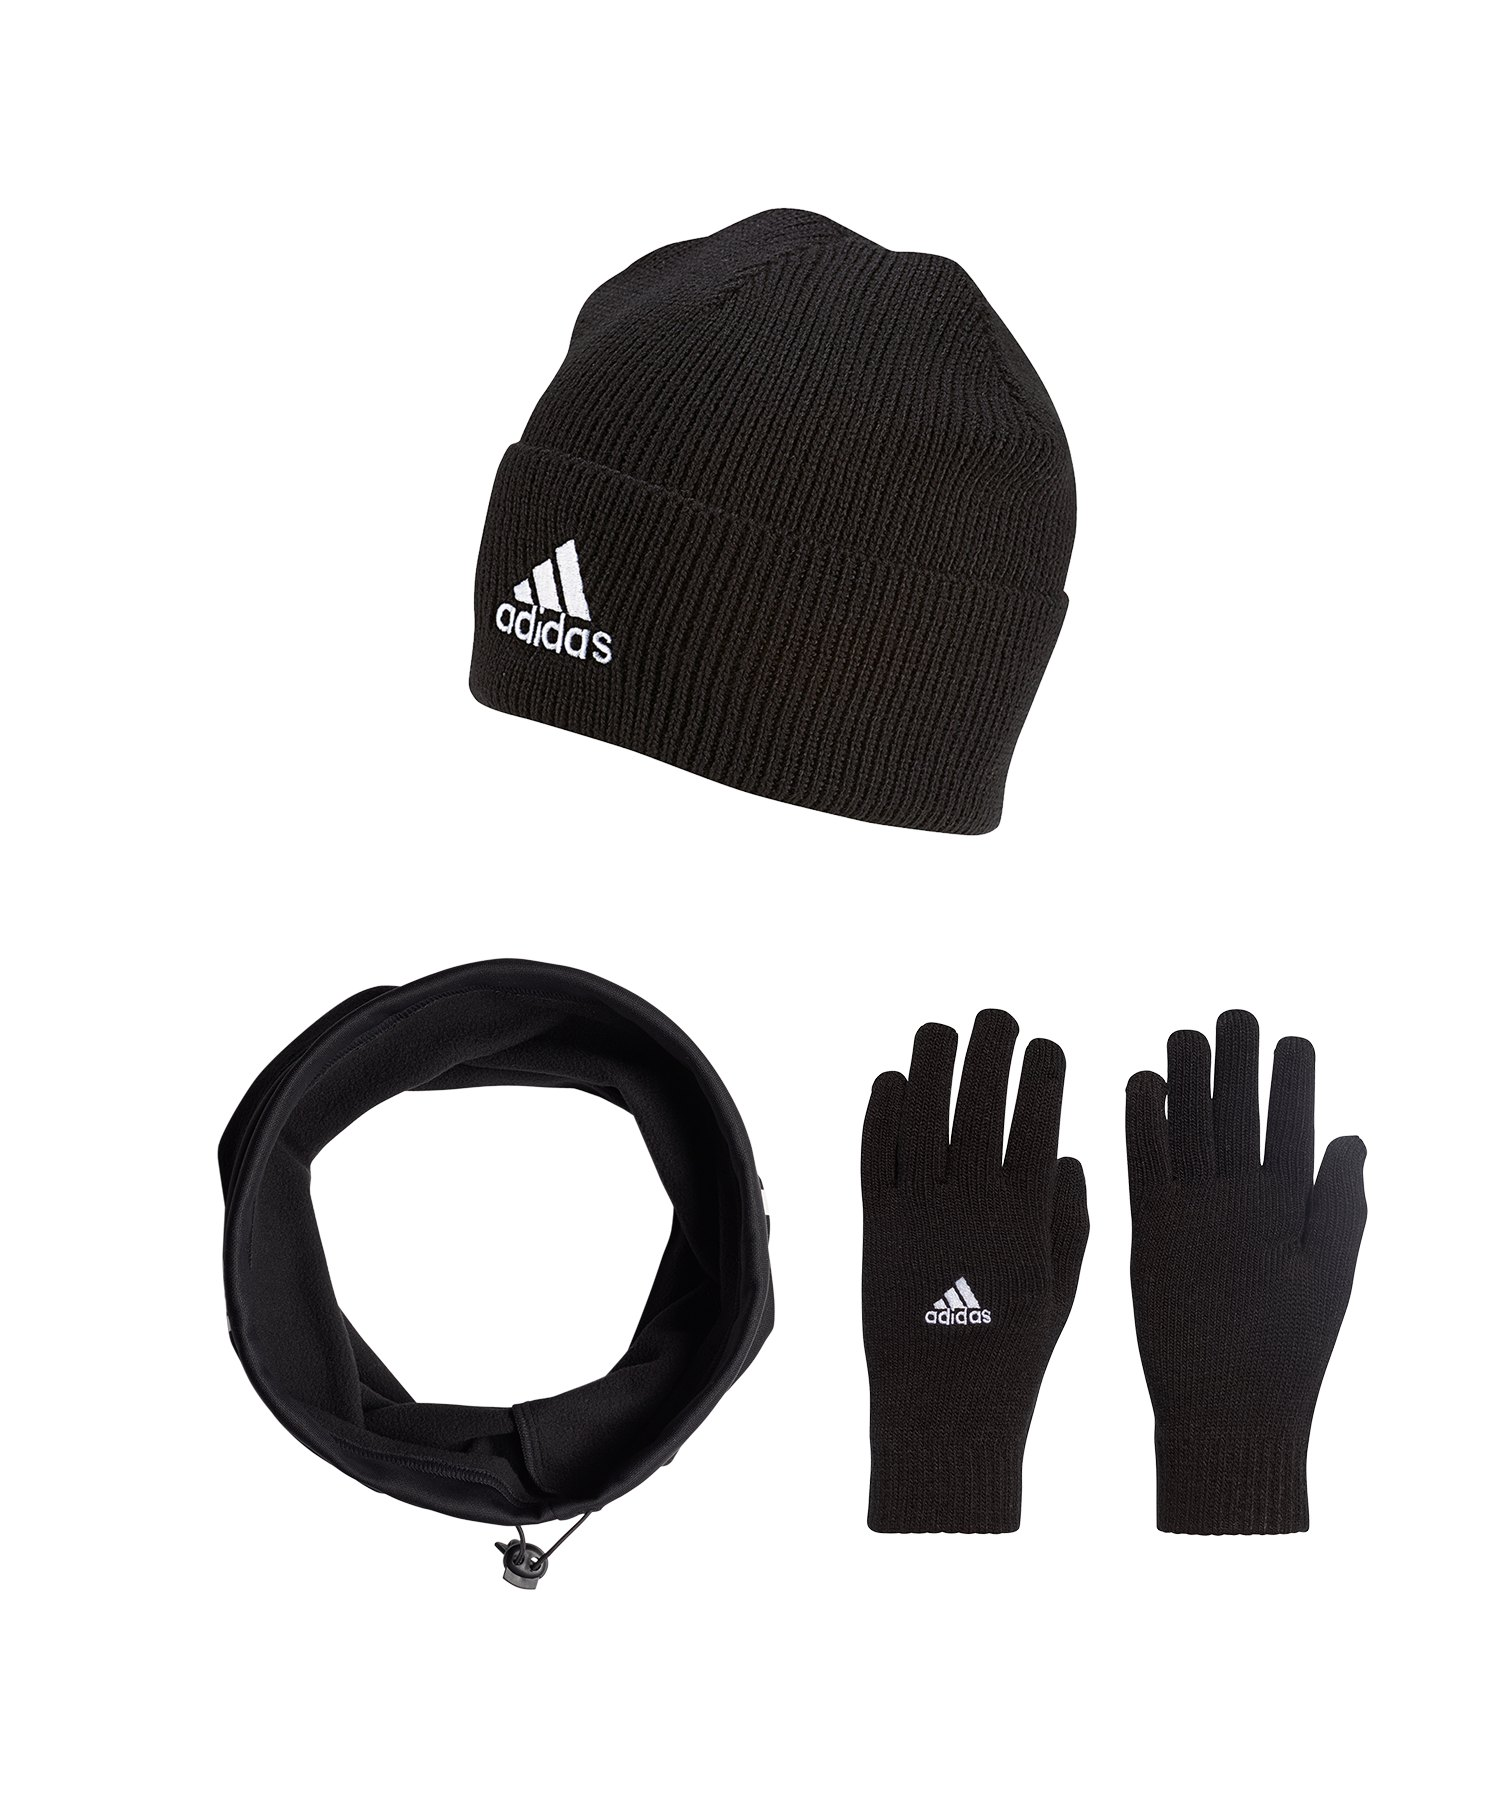 adidas Tiro 3er Winter Set Schwarz - schwarz